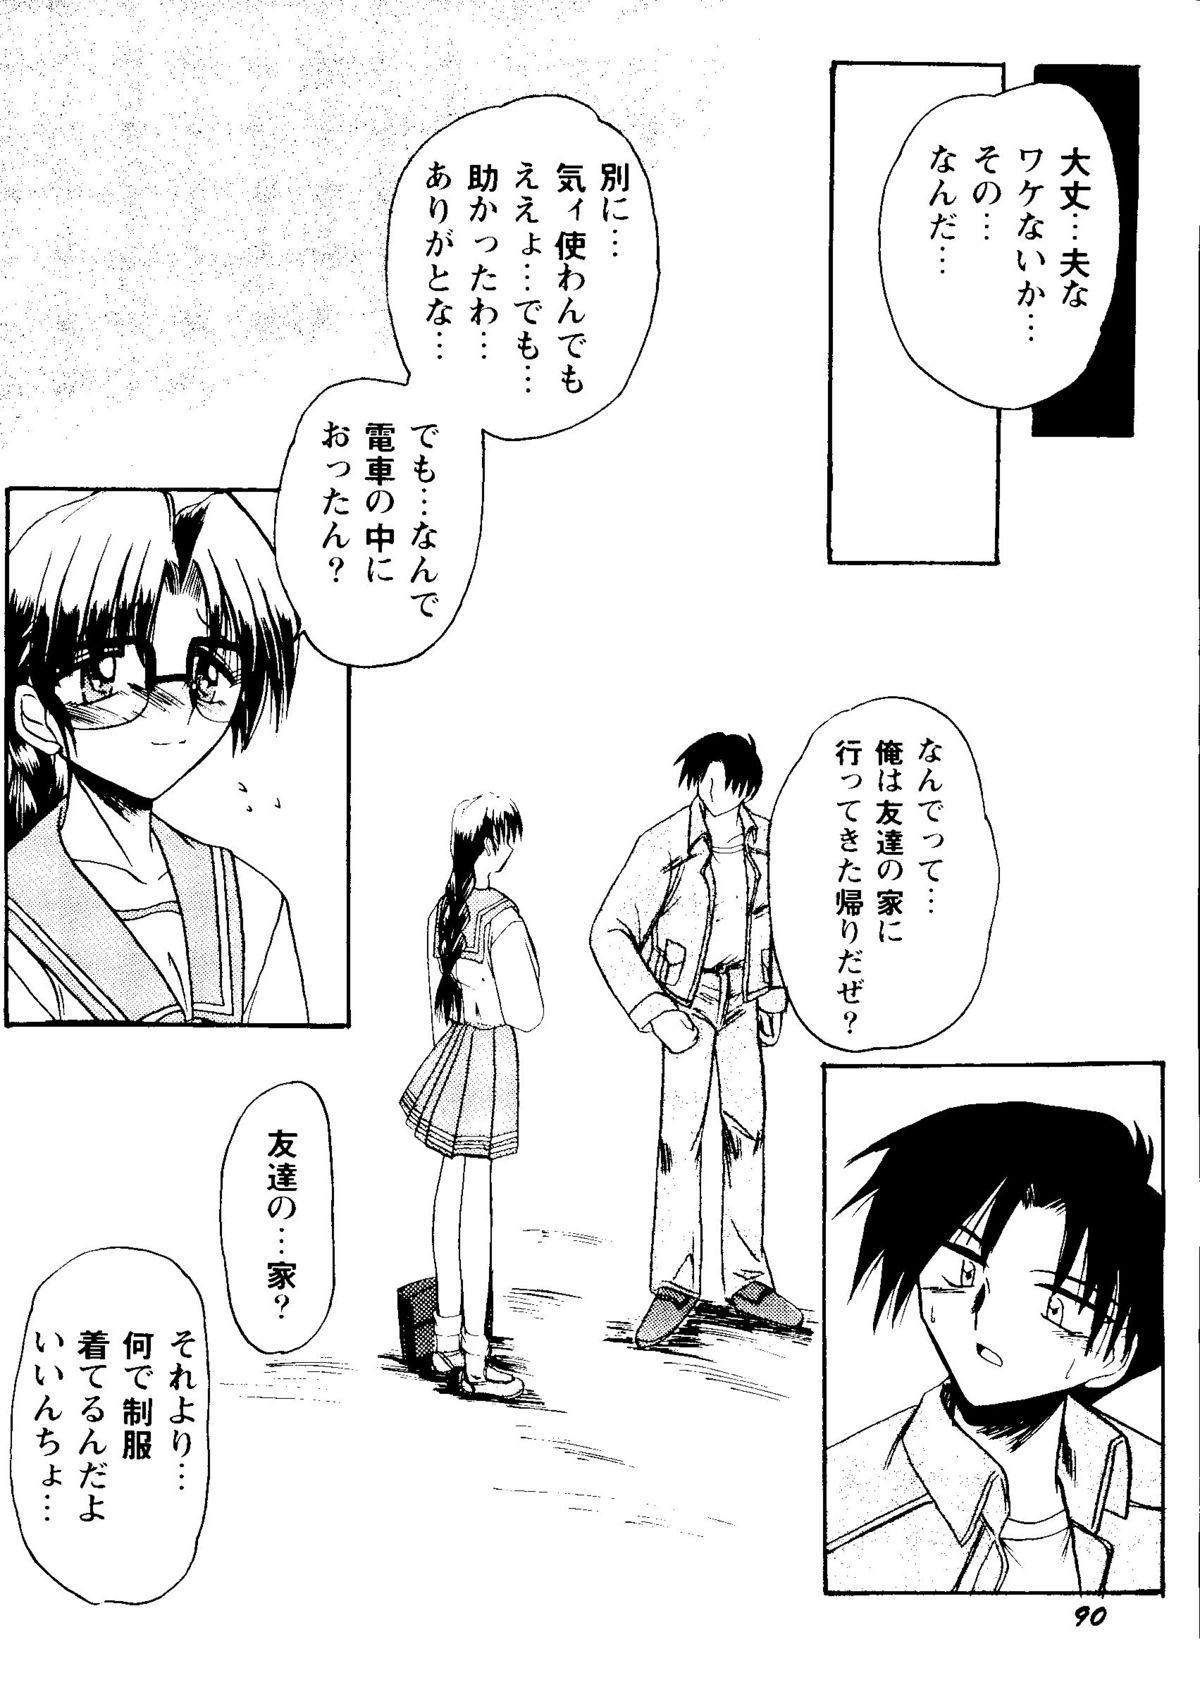 Bishoujo Doujinshi Anthology Cute 2 91